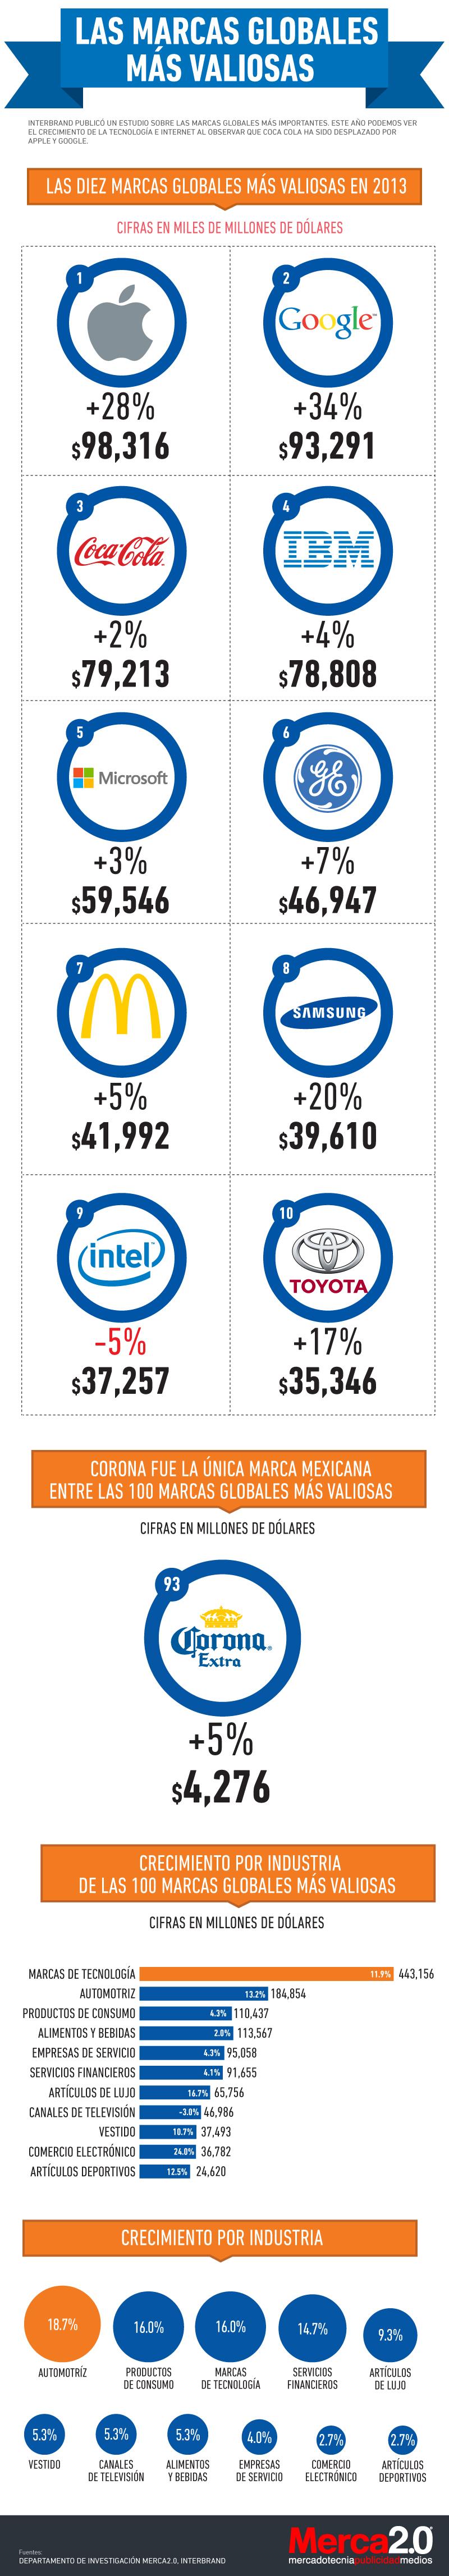 Las marcas globales más valiosas